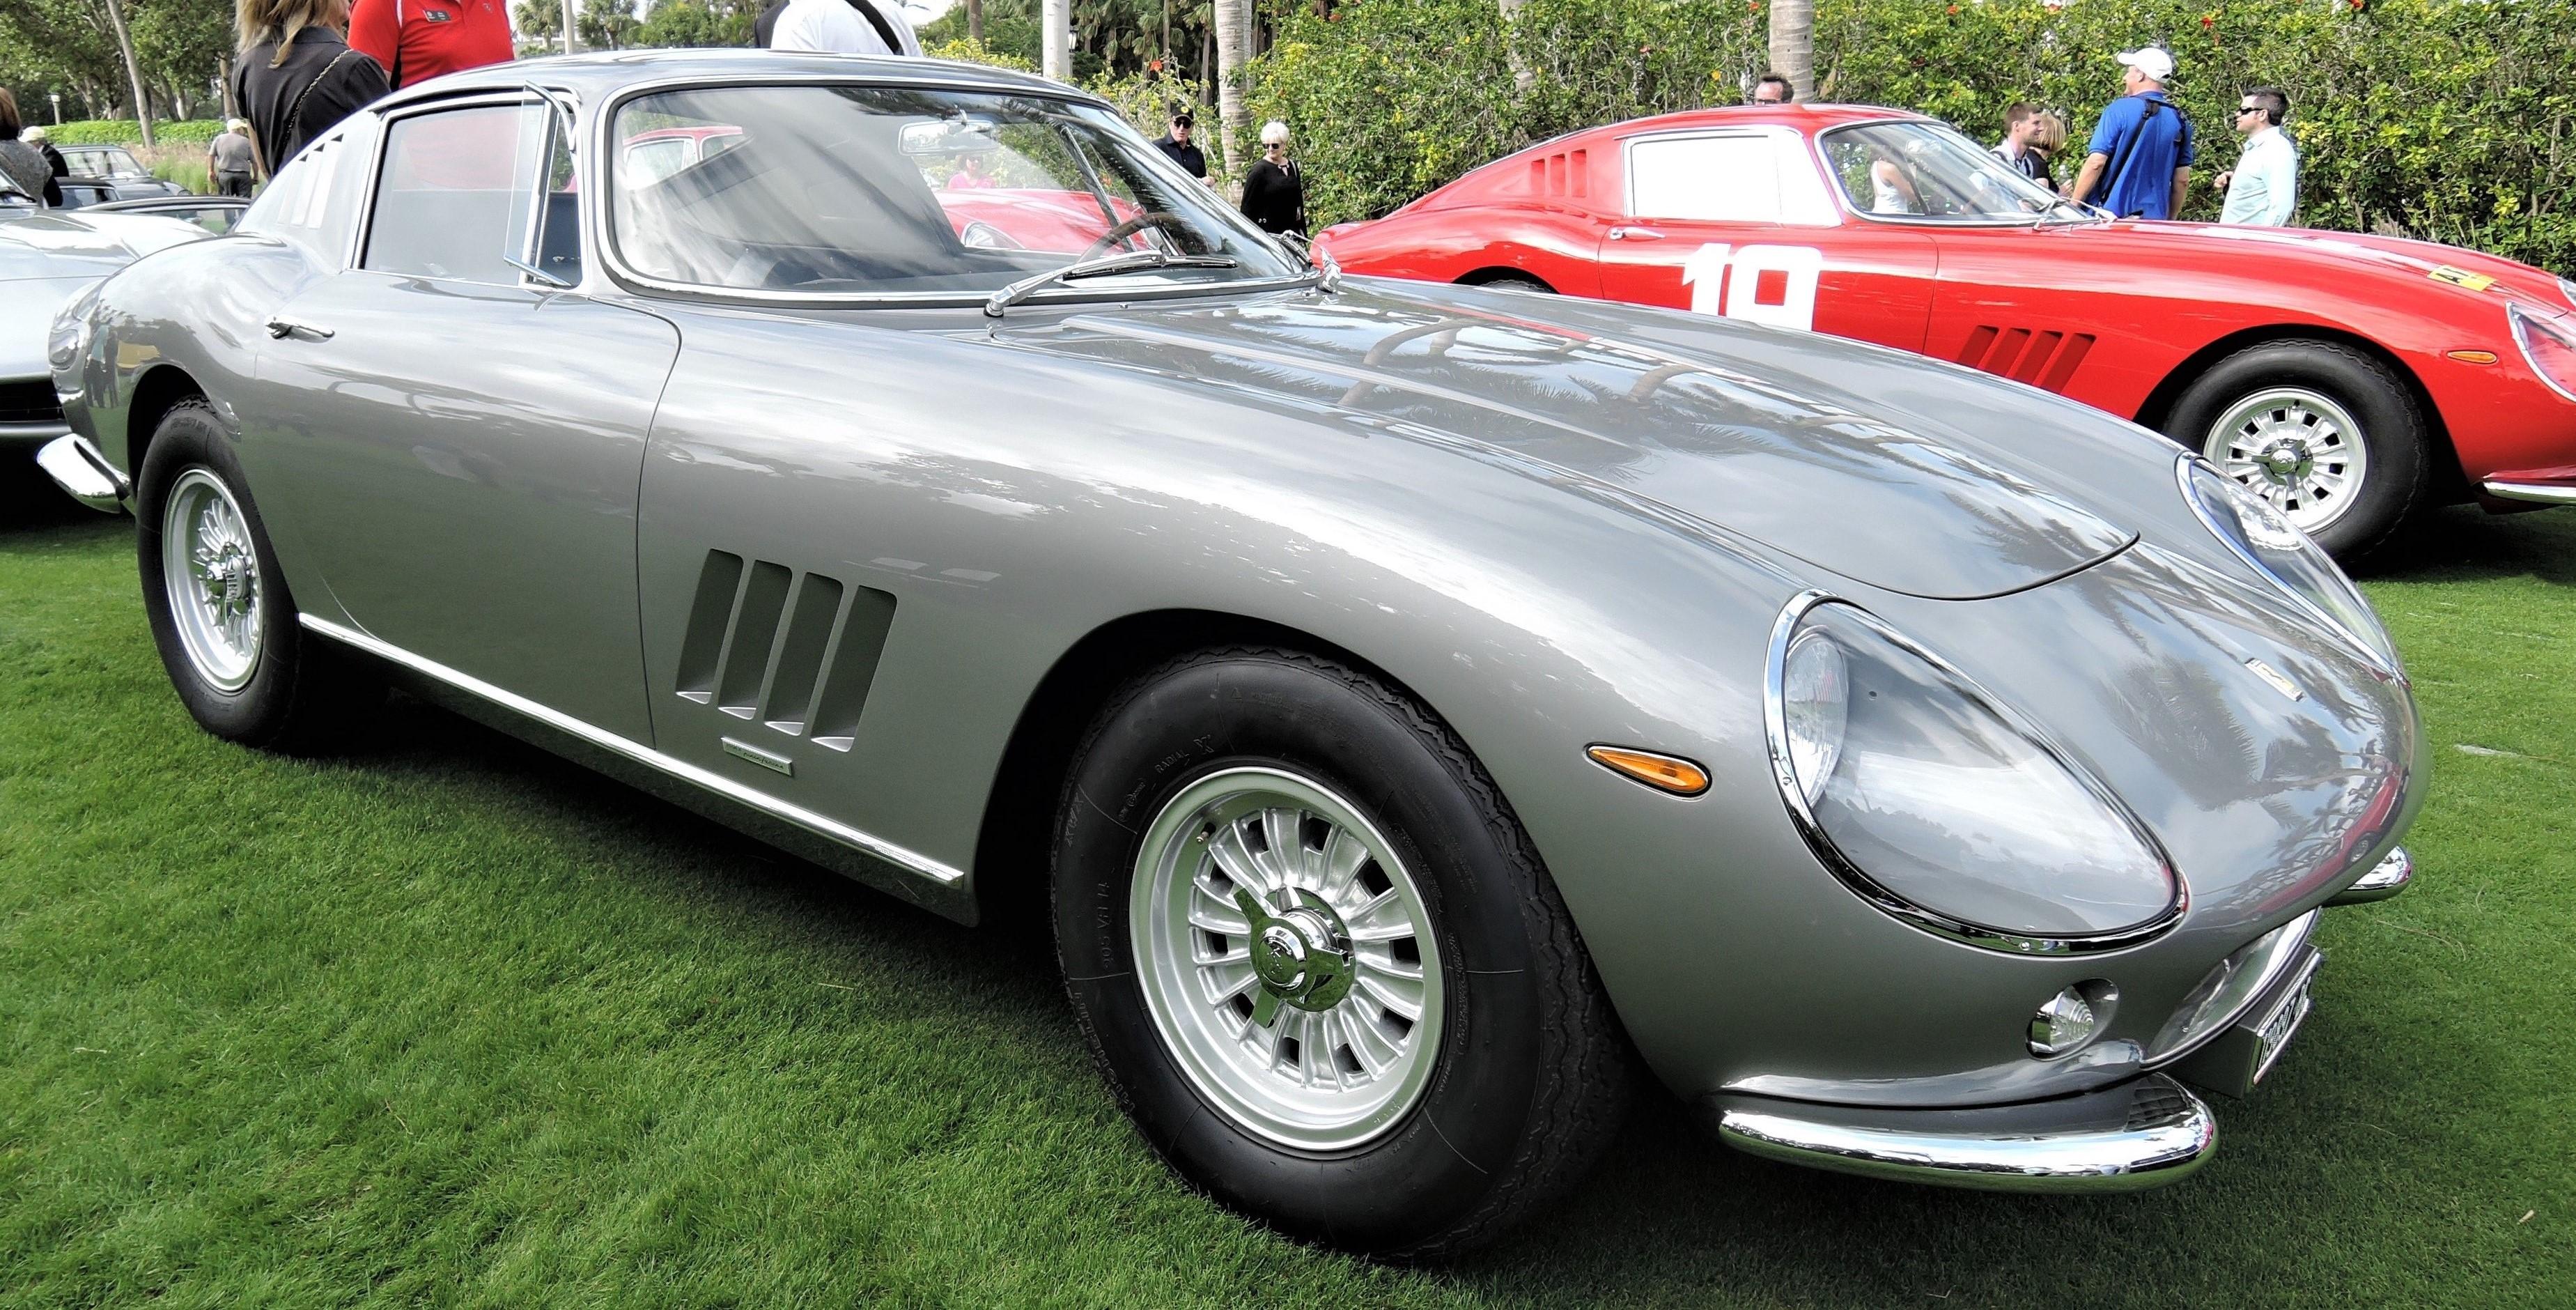 silver 1965 Ferrari 275 GTB; Sn 06899 - Cavallino 2018 Concours